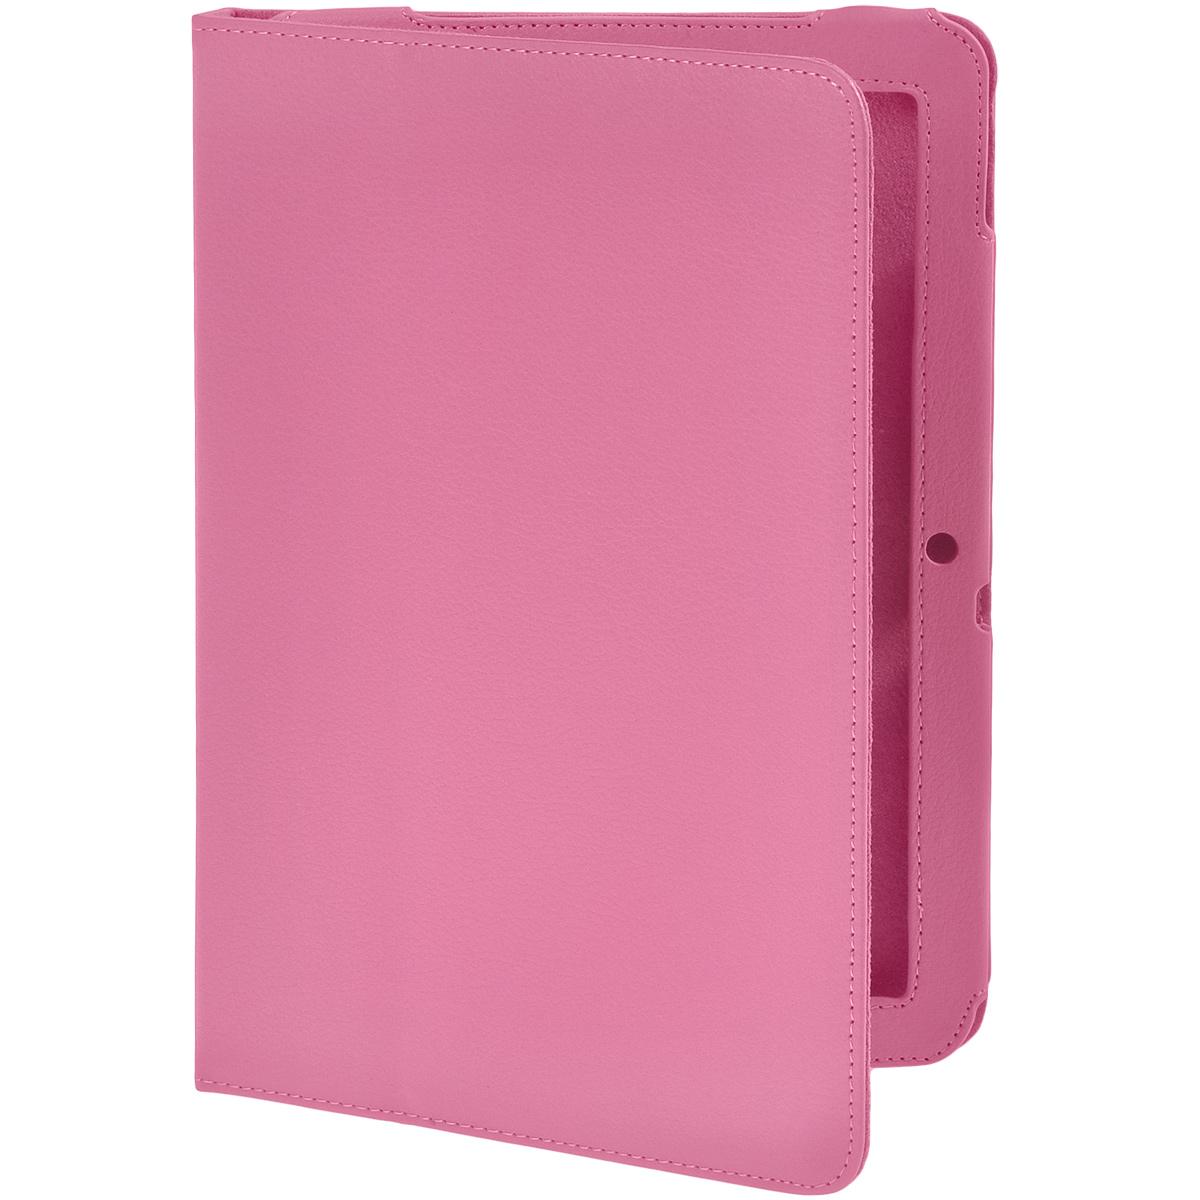 IT Baggage чехол для Acer Iconia Tab A3, PinkITACA32-3Чехол IT Baggage для Acer Iconia Tab A3 - это стильный и лаконичный аксессуар, позволяющий сохранить планшет в идеальном состоянии. Надежно удерживая технику, обложка защищает корпус и дисплей от появления царапин, налипания пыли. Также чехол IT Baggage для Acer Iconia Tab A3 можно использовать как подставку для чтения или просмотра фильмов. Имеет свободный доступ ко всем разъемам устройства.